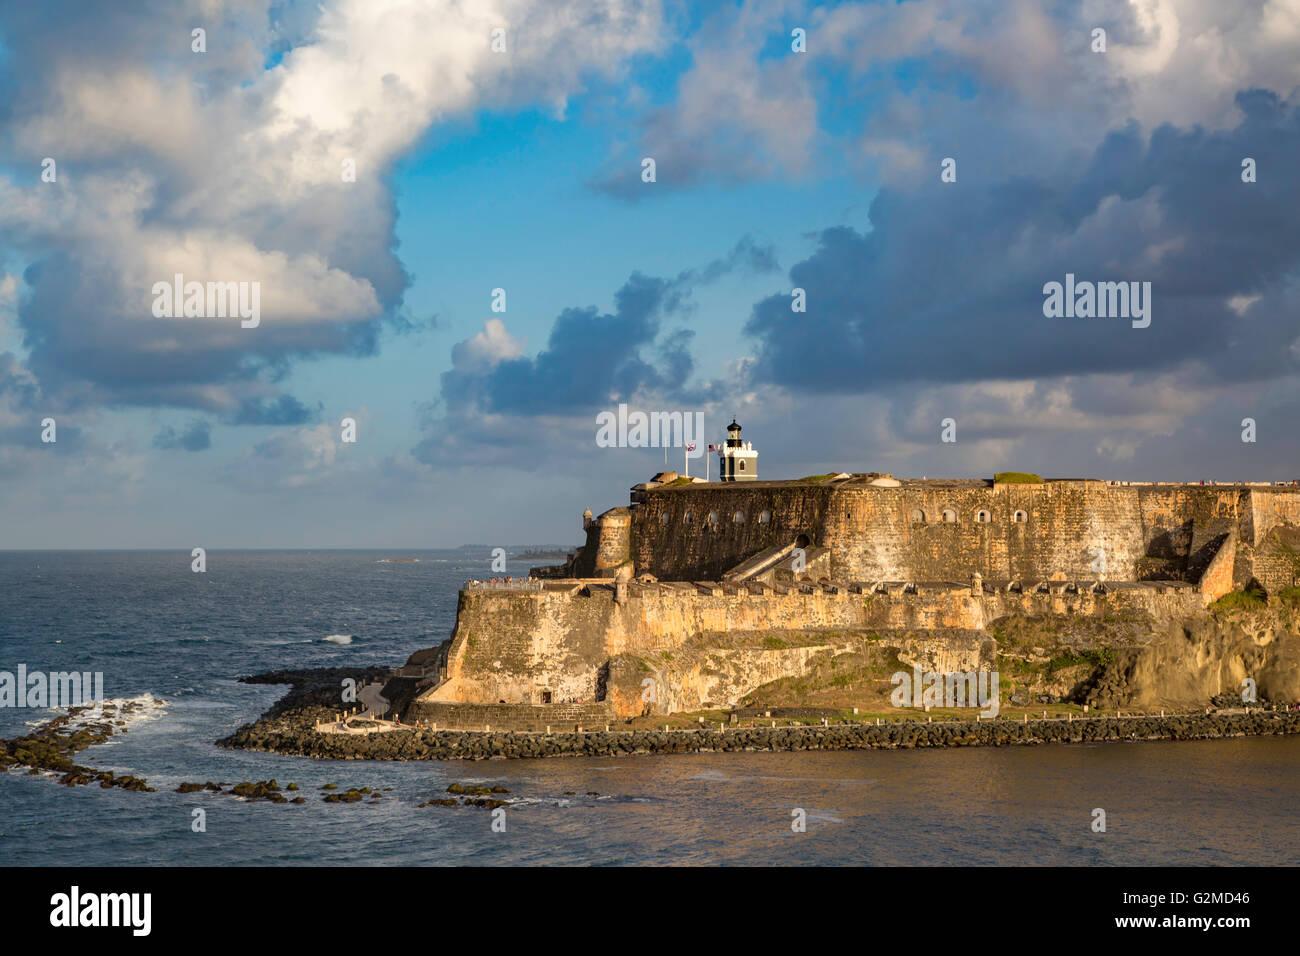 Impostazione della luce solare su fortezza El Morro, centro storico, San Juan, Puerto Rico Immagini Stock